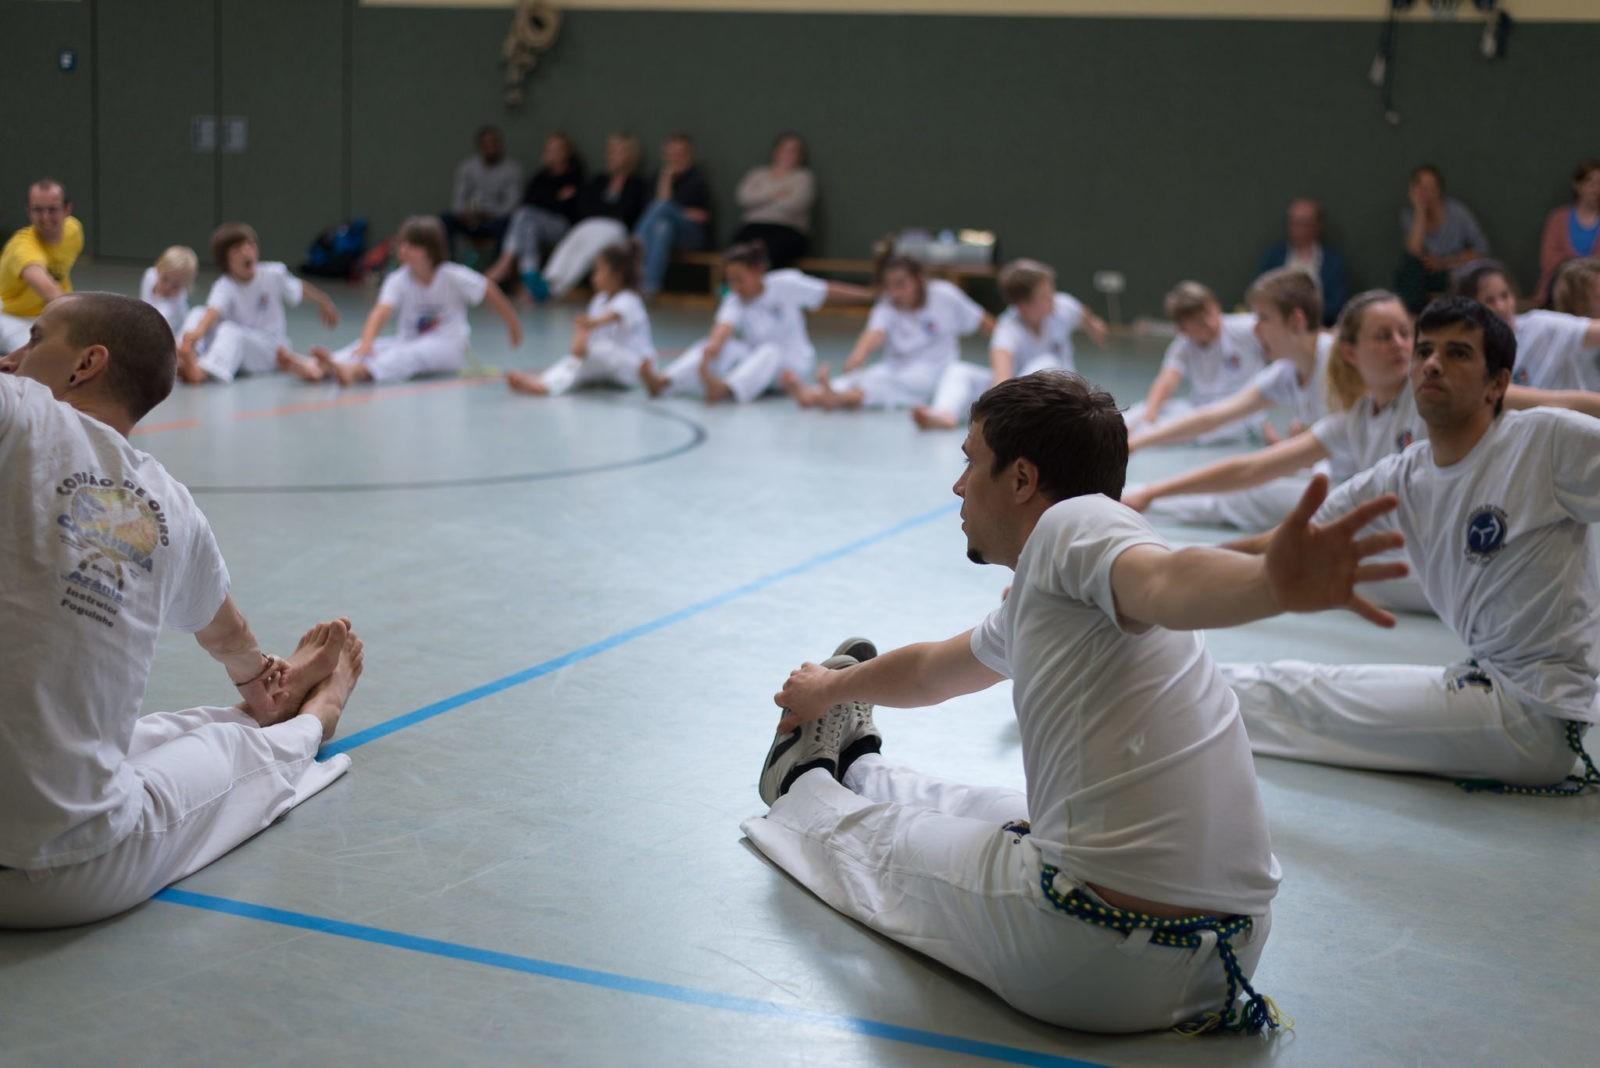 Capoeira Azania - Cordao de ouro - o Calado é Vencedor II - Berlin - 0865 - S